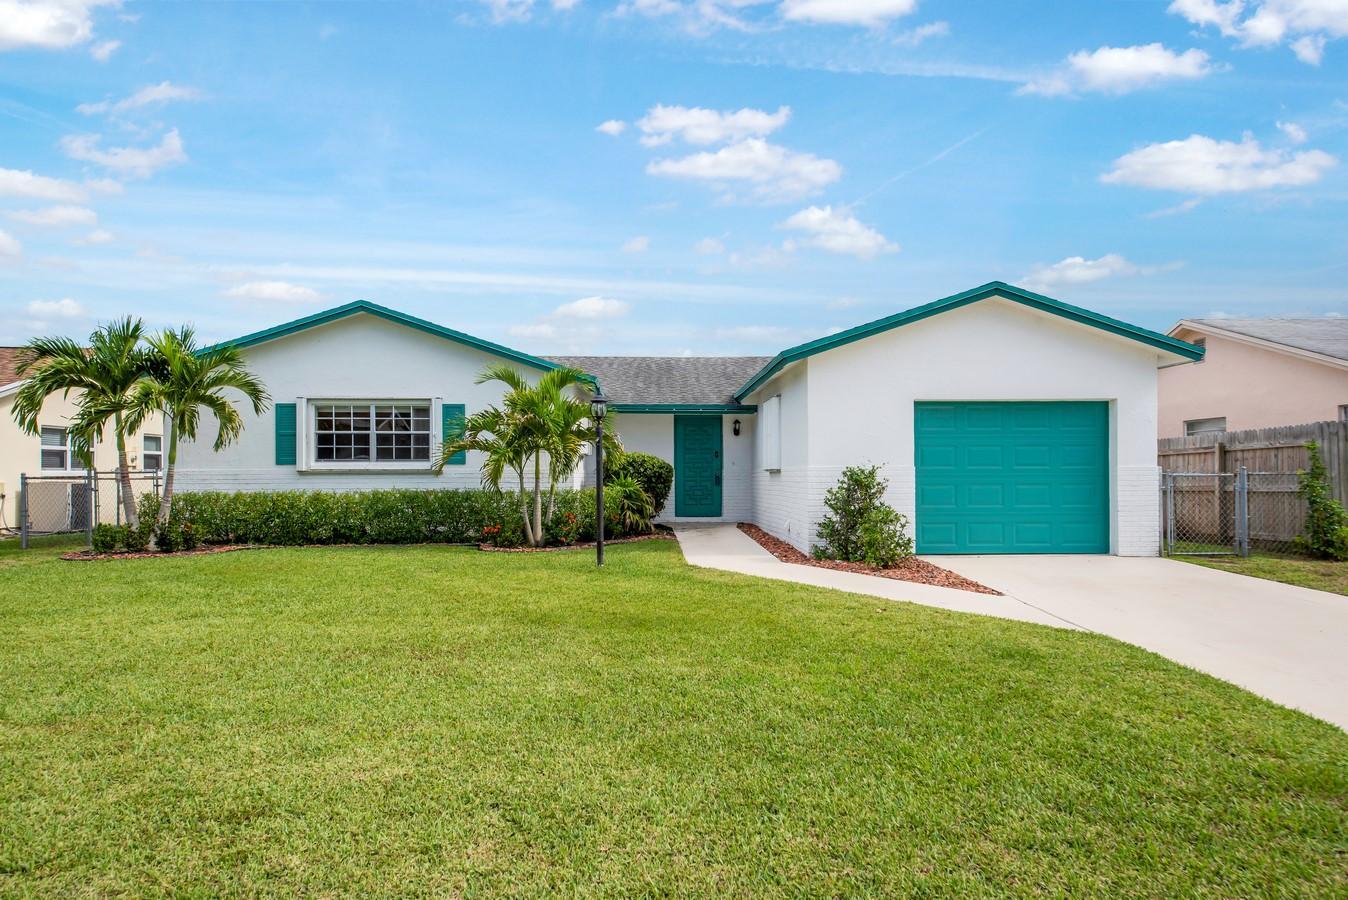 9004 Sw 6th Street Boca Raton, FL 33433